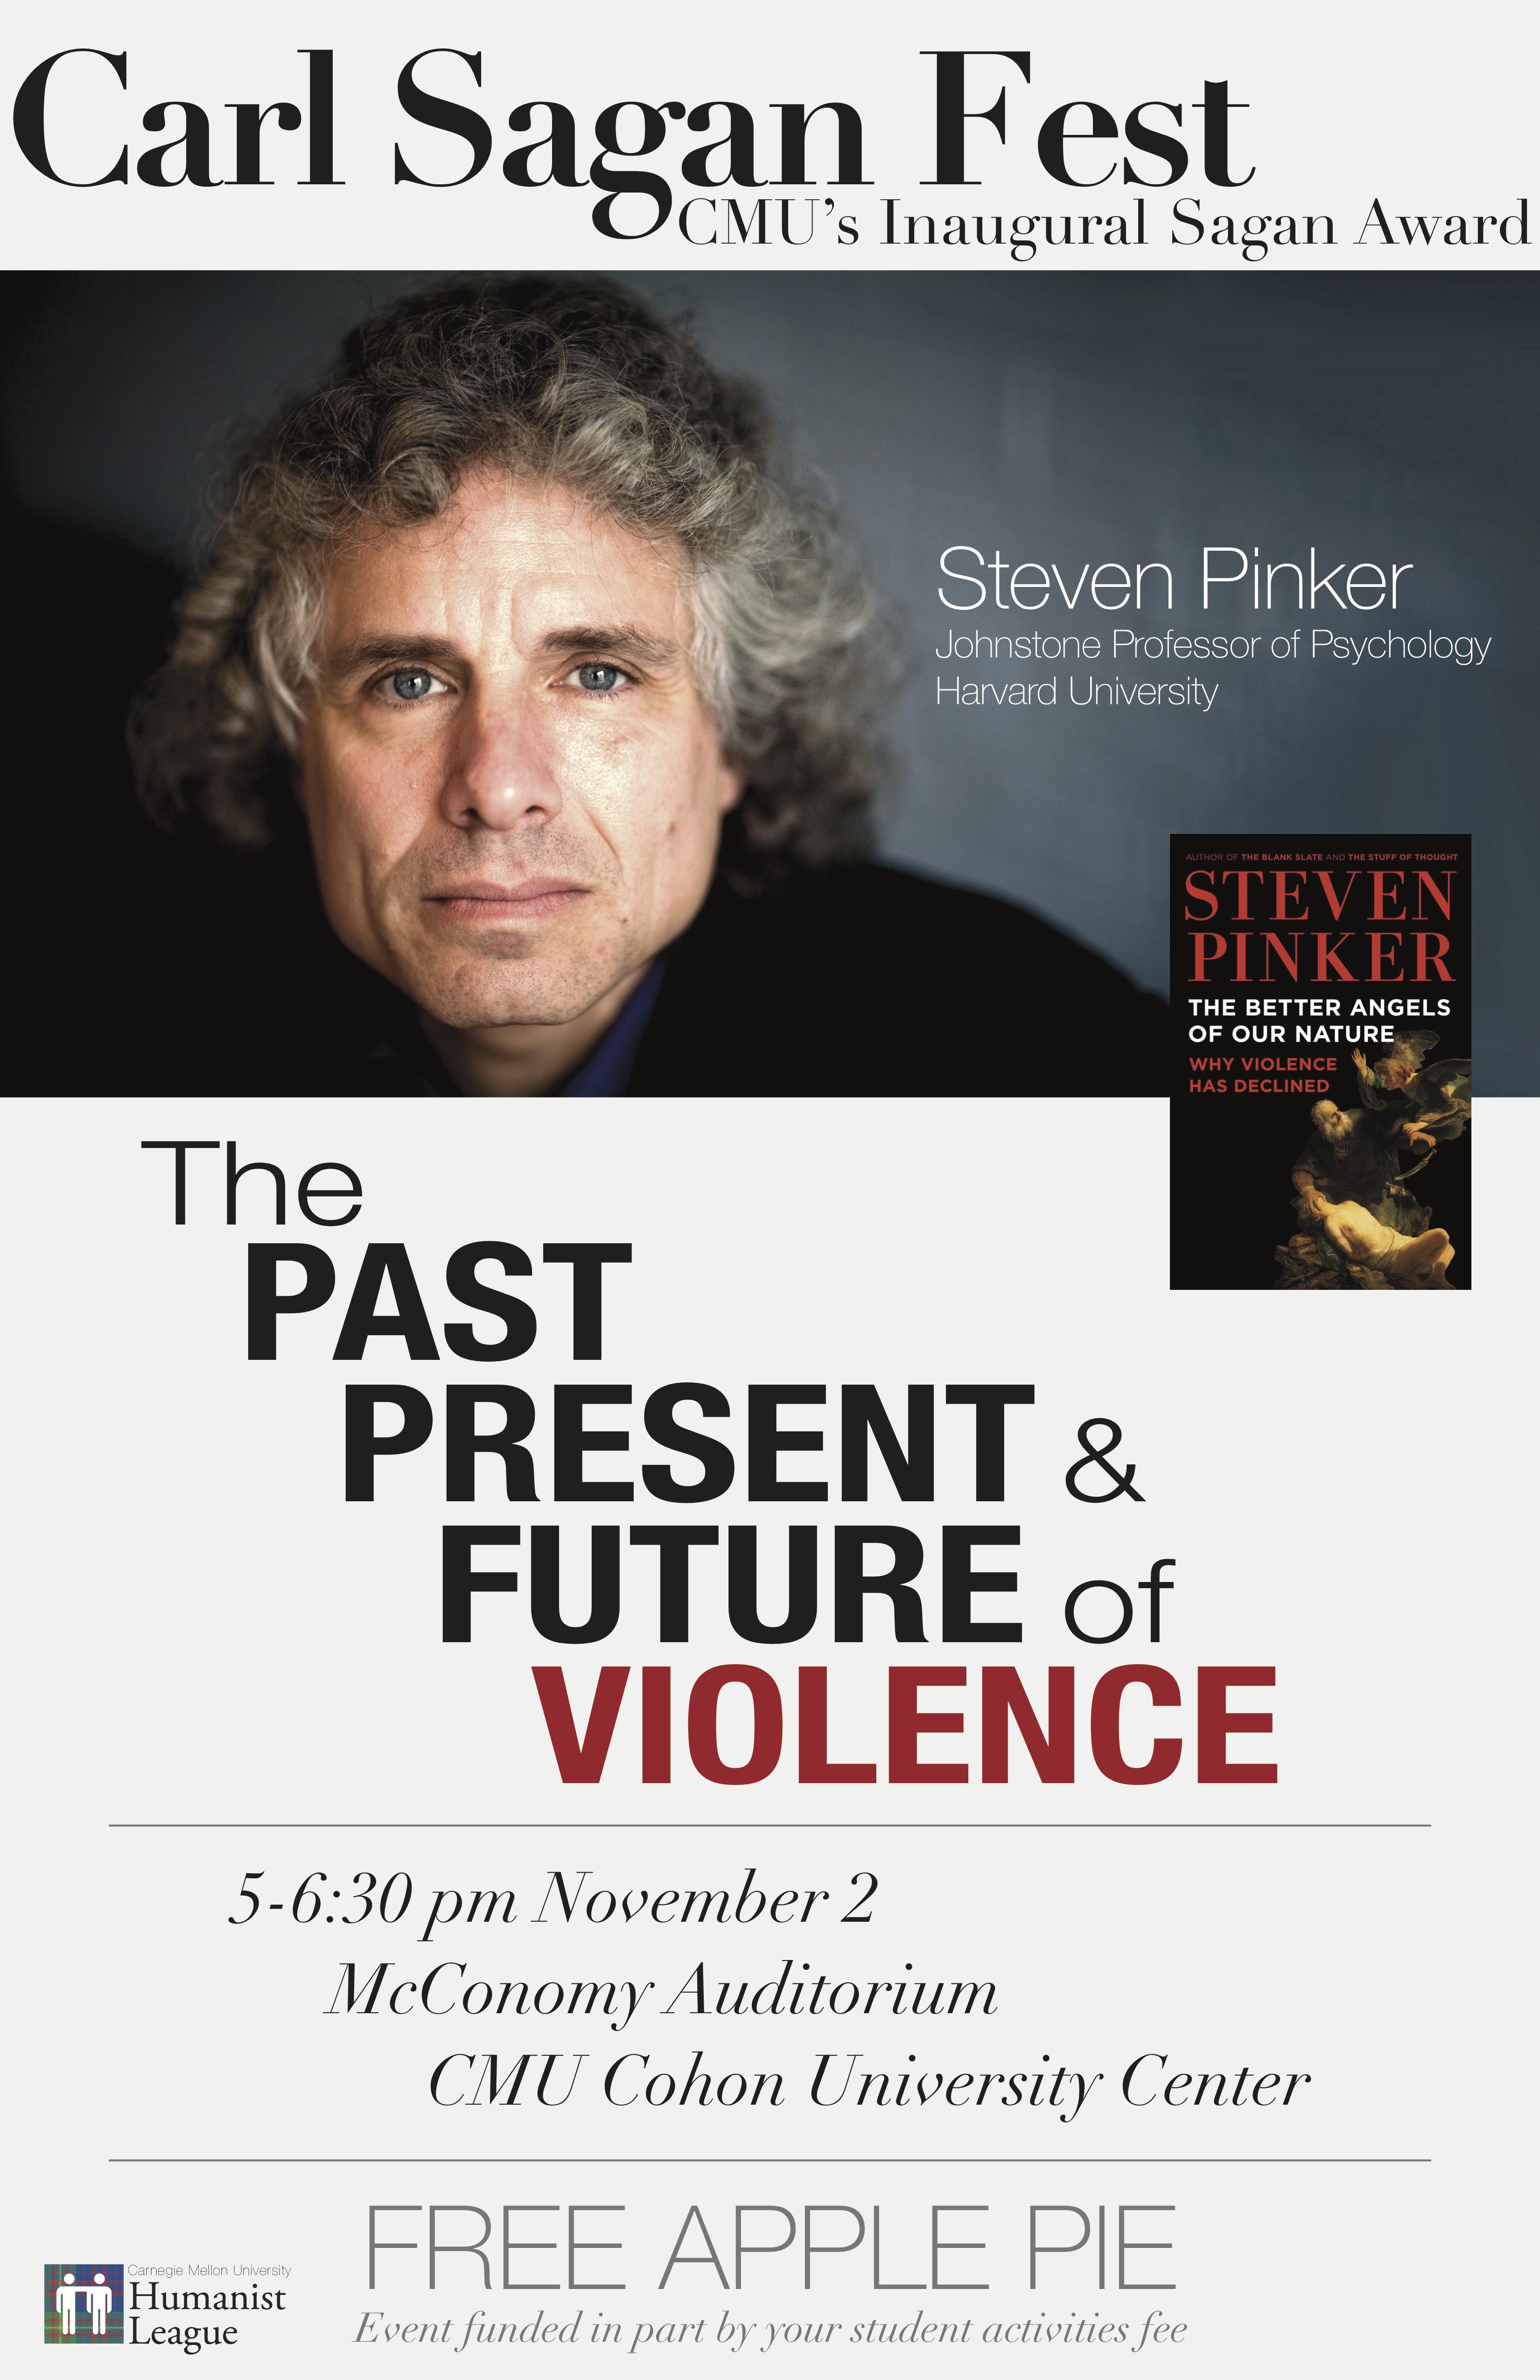 Carl Sagan Fest, featuring Steven Pinker Poster